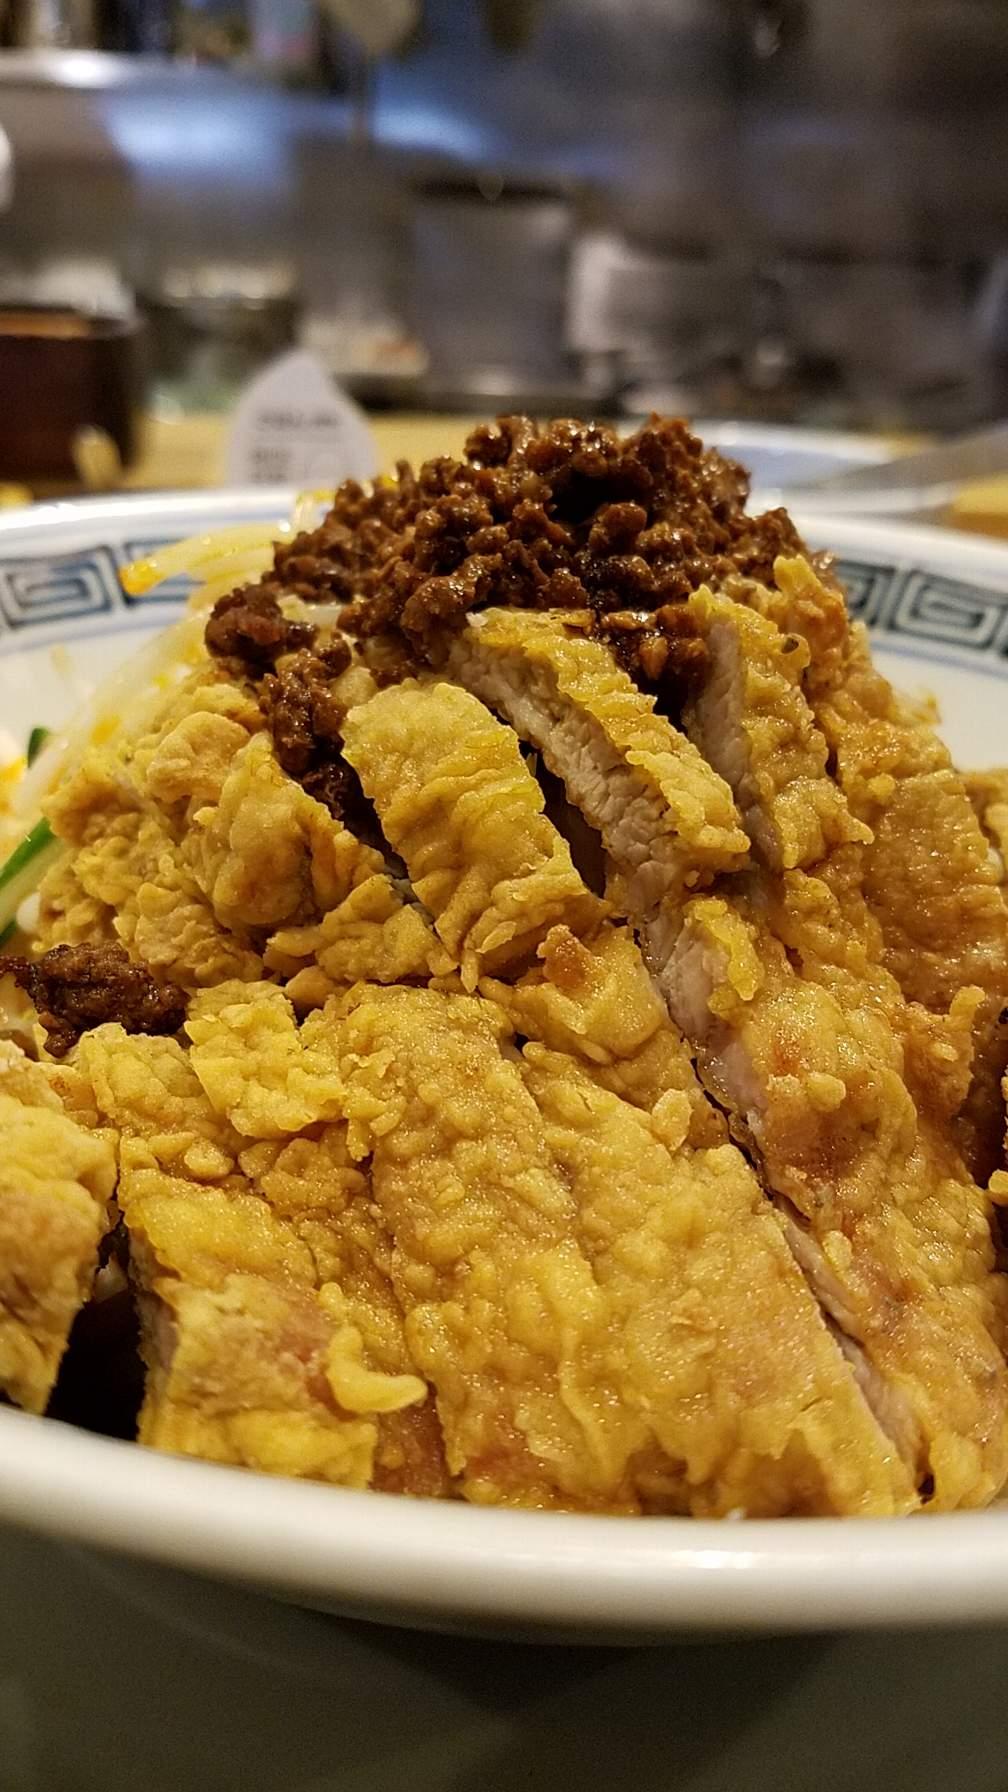 希須林担々麺屋赤坂店の汁なし担々麺